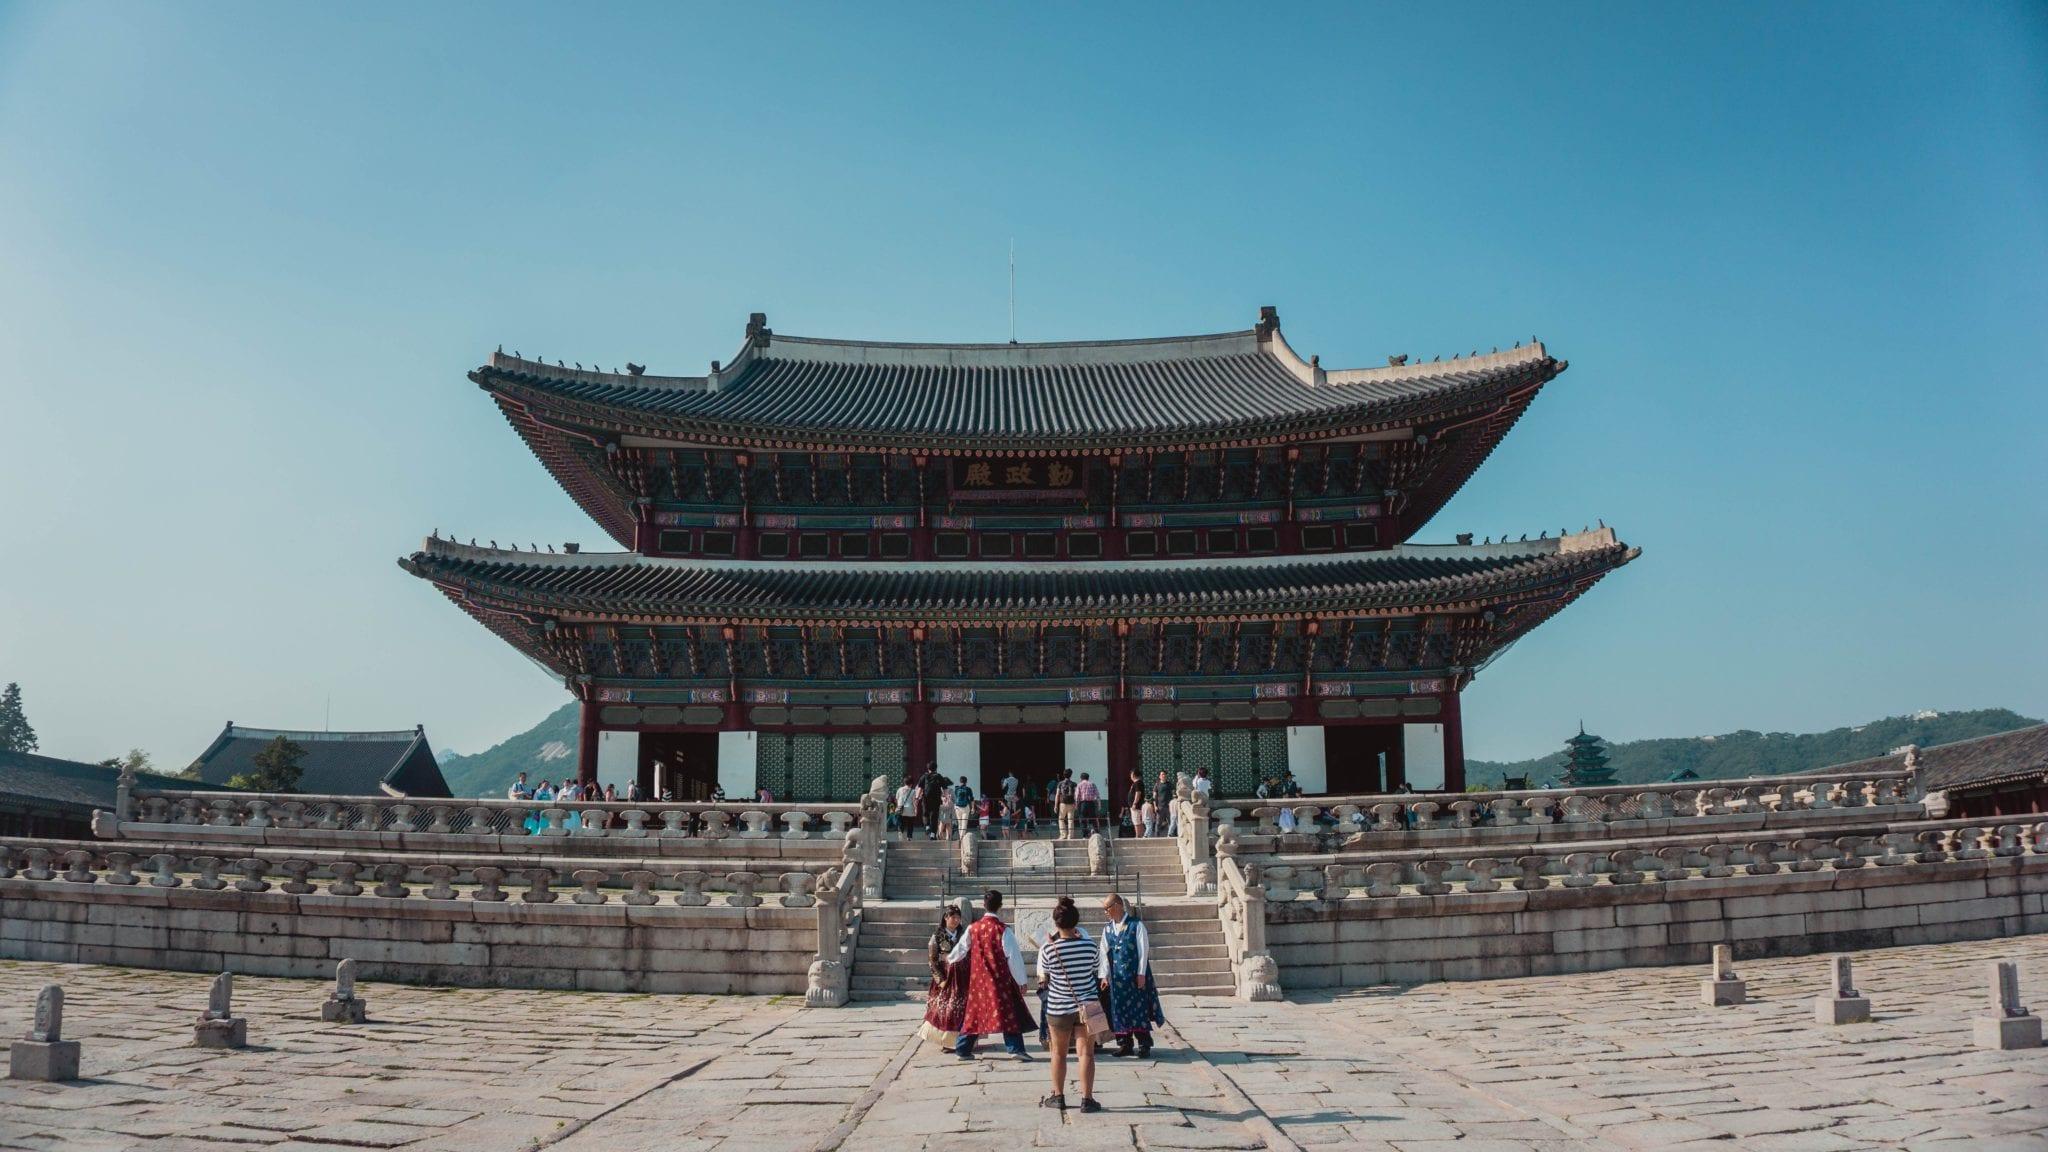 เที่ยวเกาหลีด้วยตัวเอง ตม เกาหลี เที่ยวเกาหลี ที่เที่ยวเกาหลี